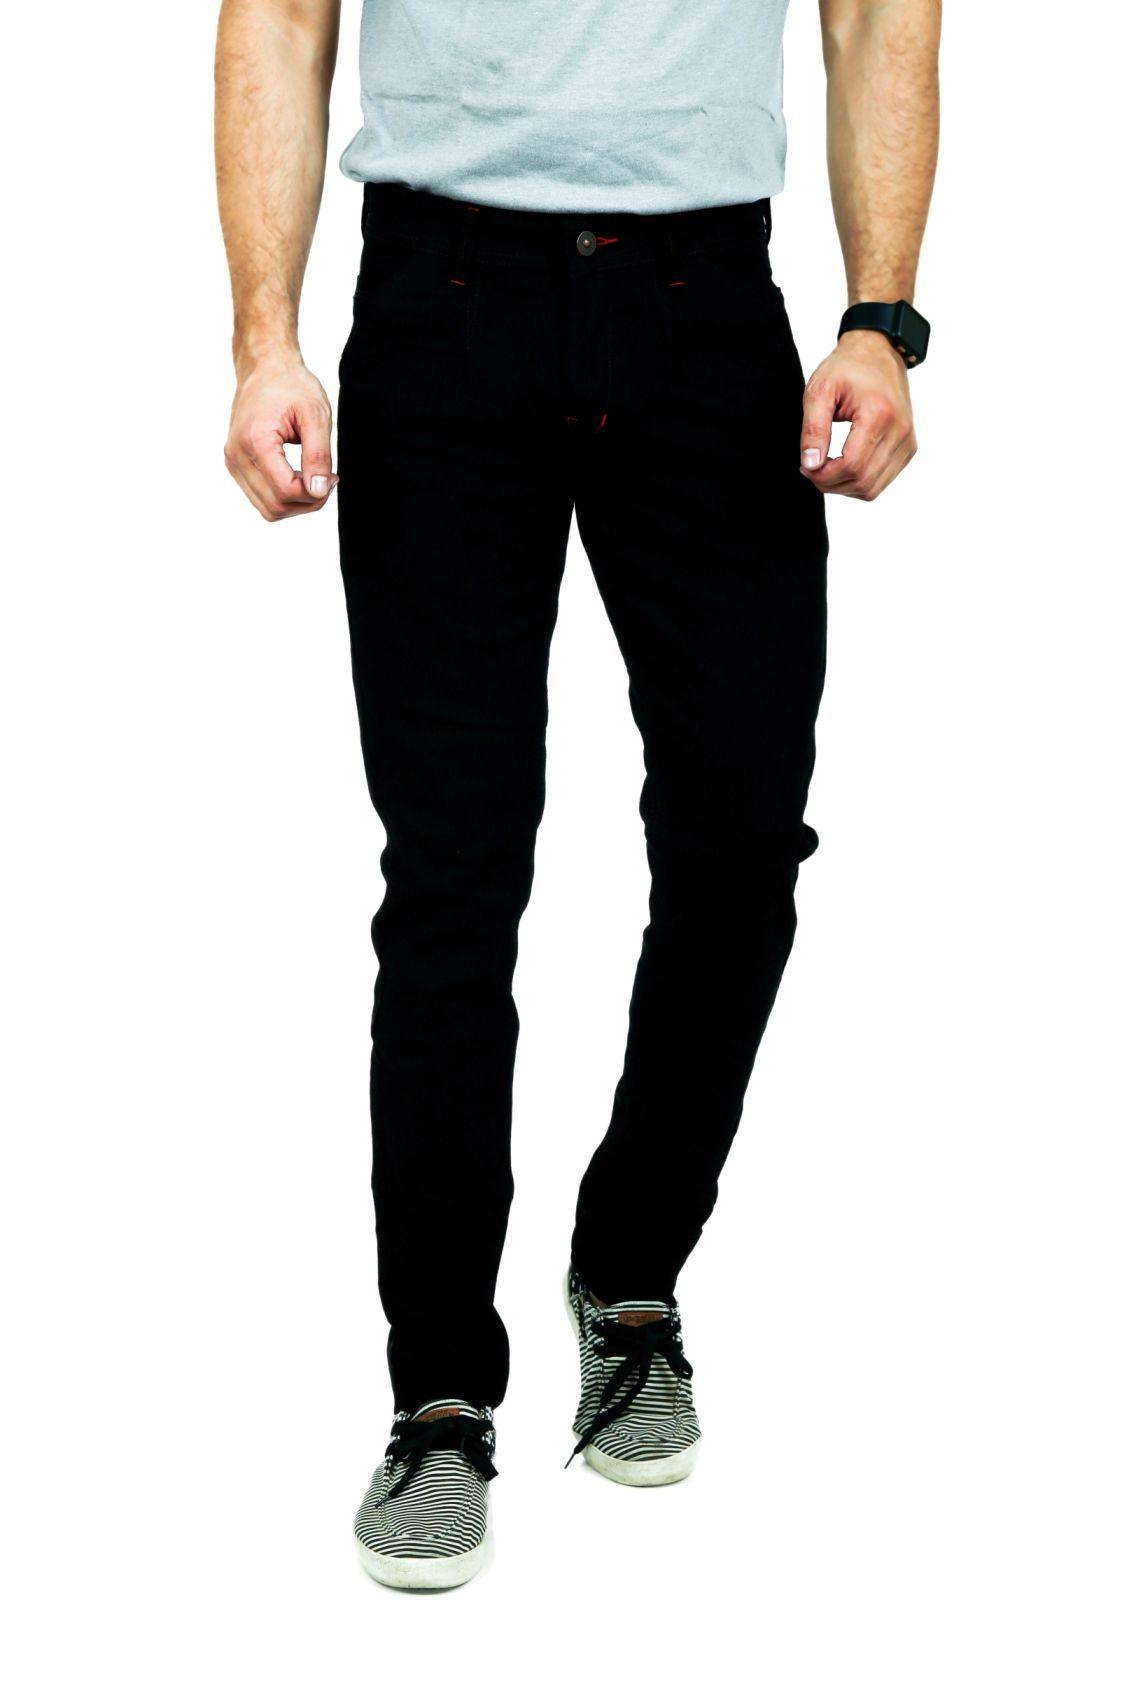 MOUDLIN Black Regular Fit Jeans